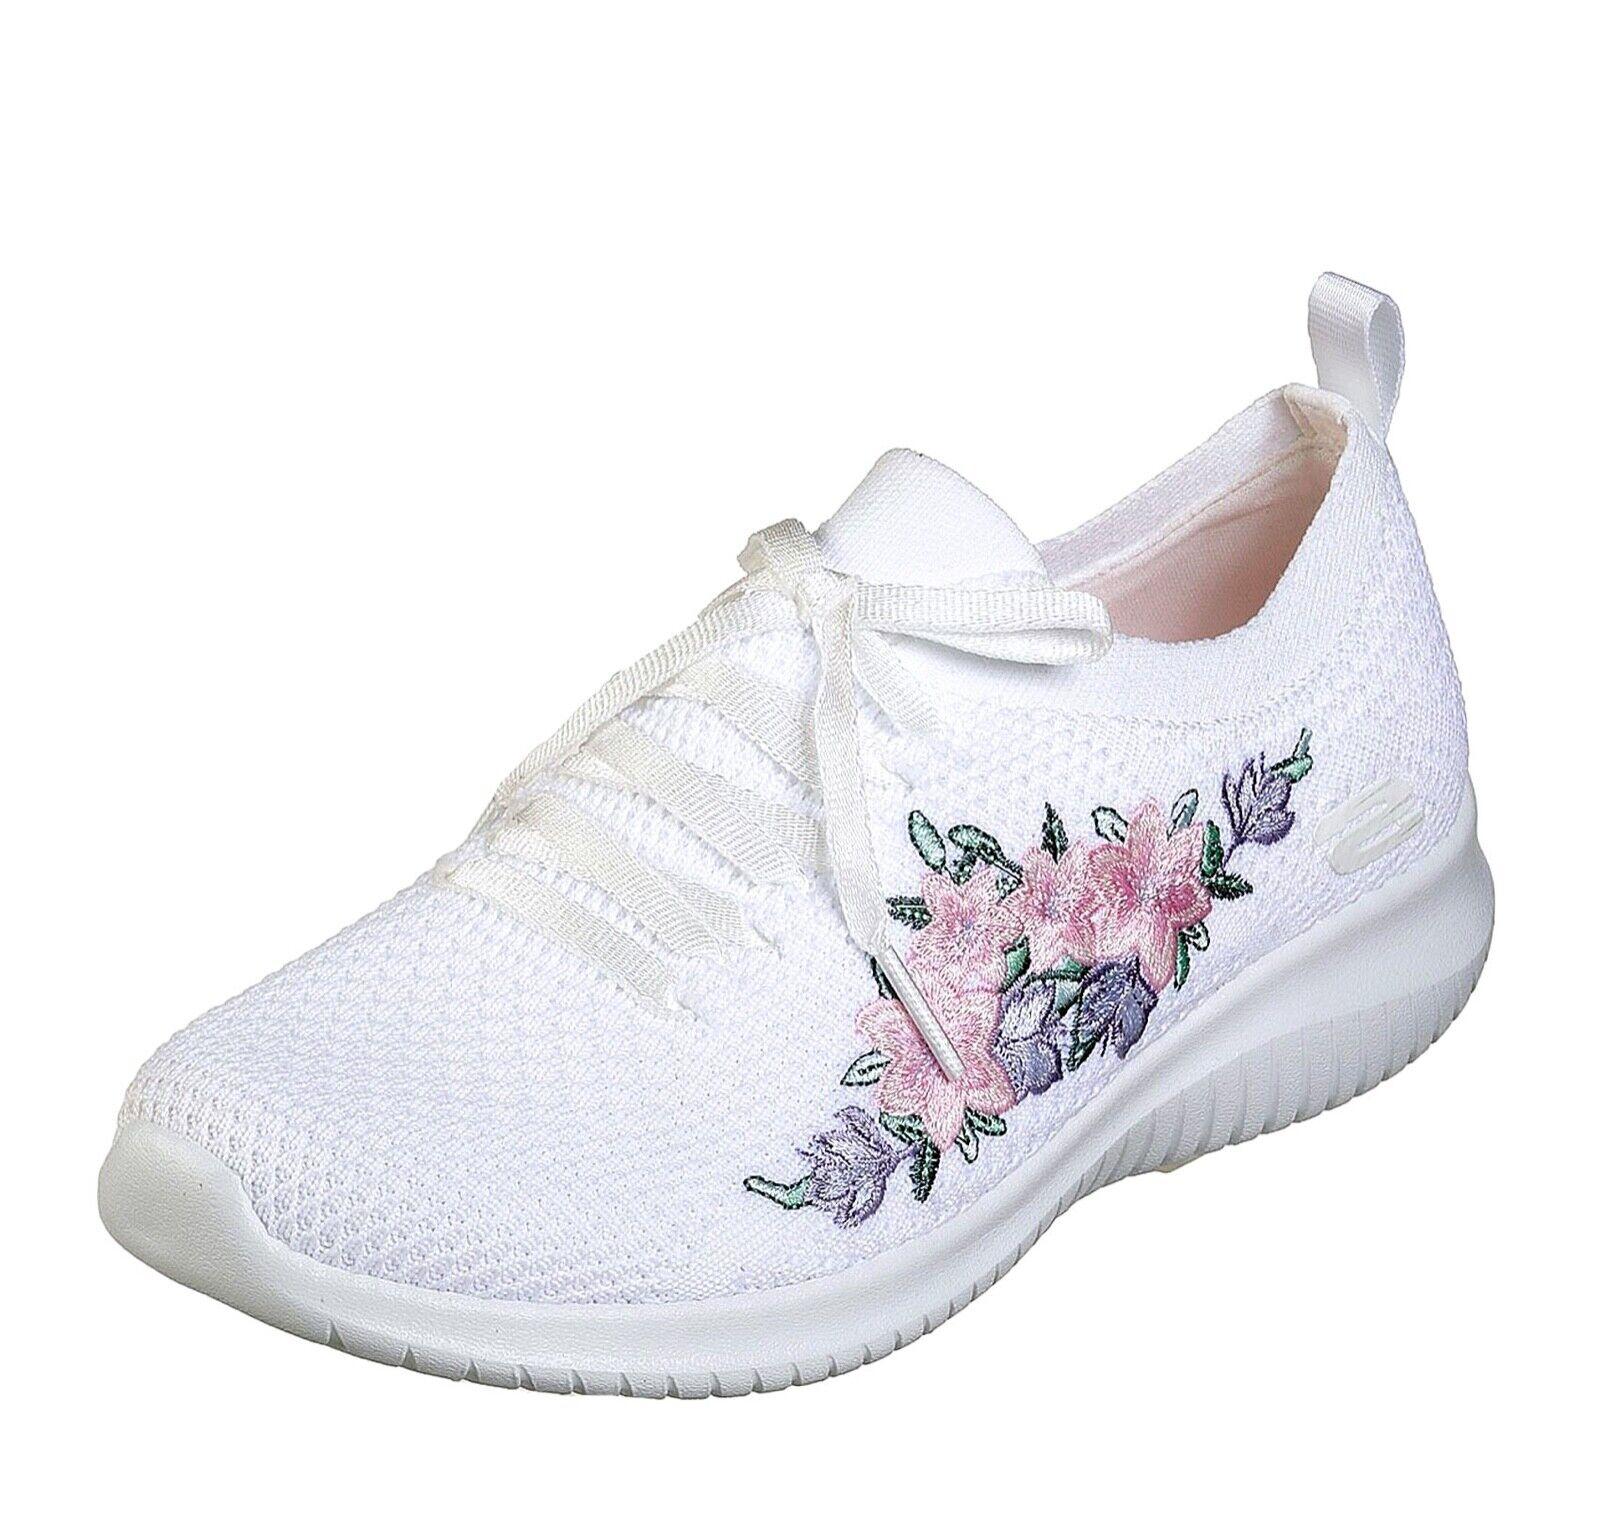 Skechers Nuevo Ultra Flex Fresco Pick blancoo Floral Floral Floral De Espuma De Memoria Entrenadores Talla 3-8  nueva gama alta exclusiva